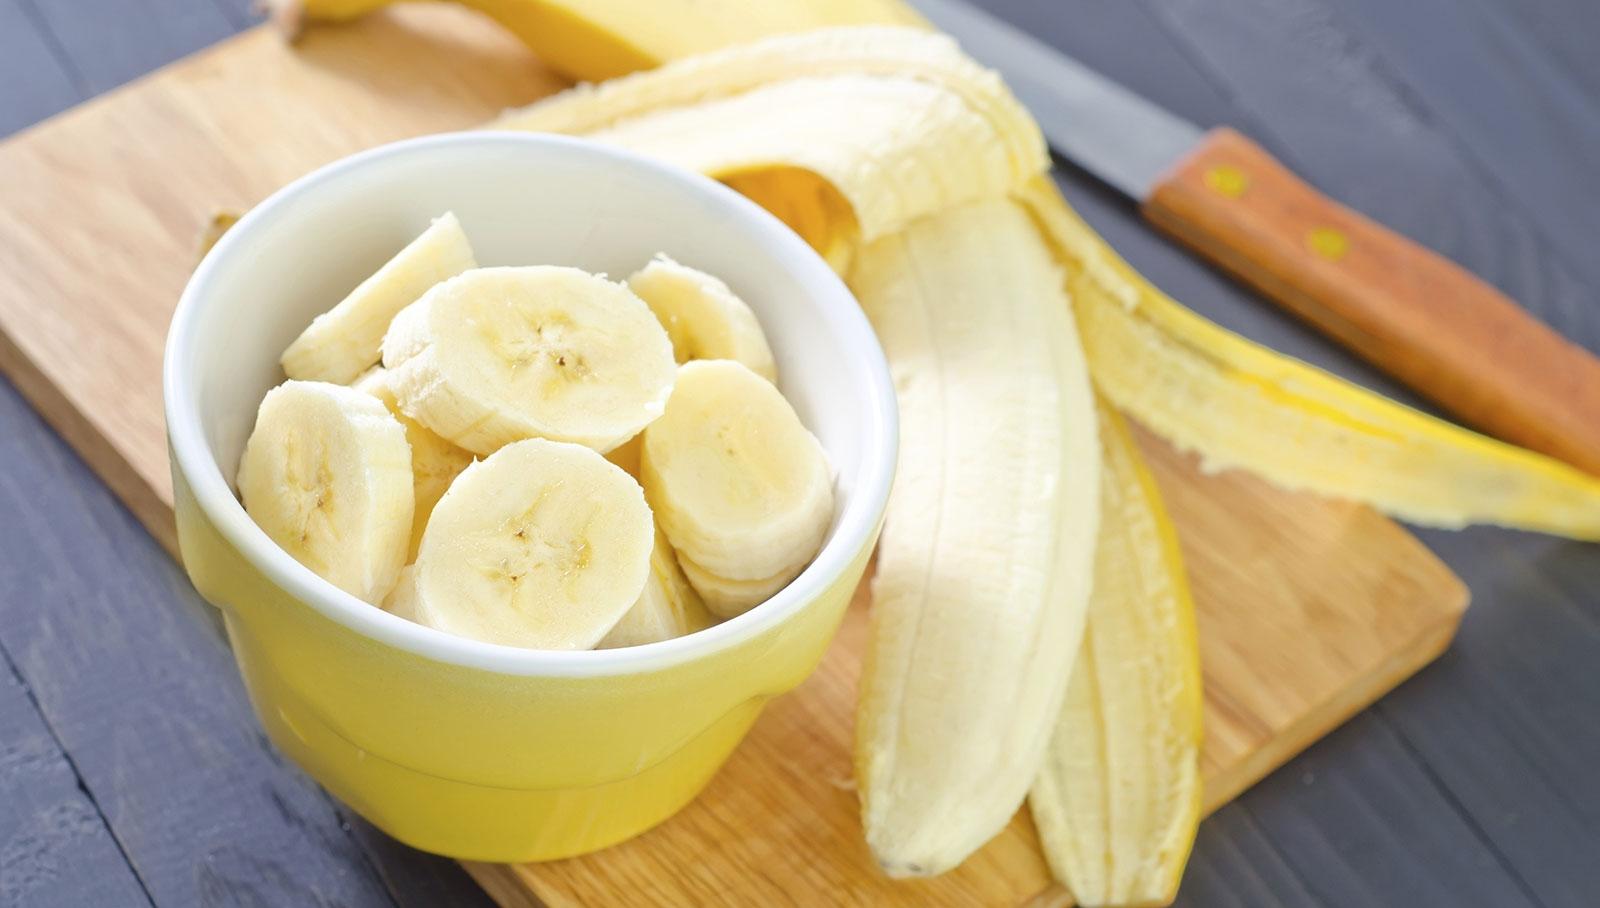 Đừng bao giờ dùng những thực phẩm này cho bữa trưa nếu không muốn rước họa vào thân - Ảnh 3